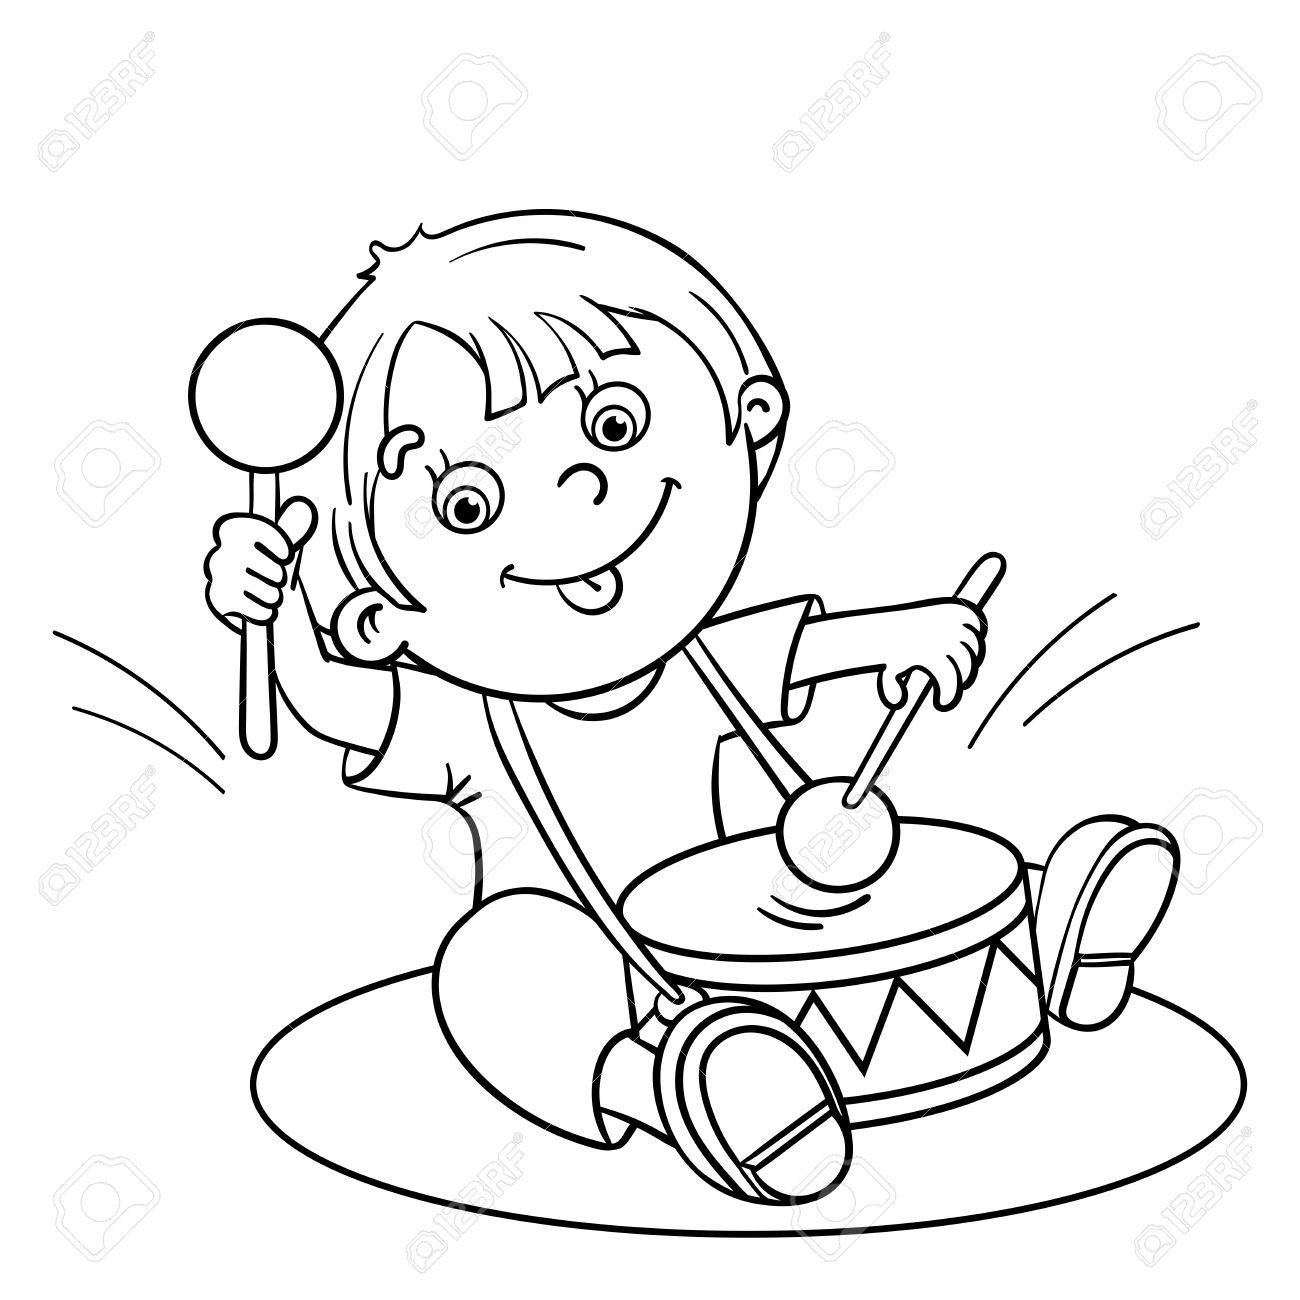 Malvorlagen Umriss Eines Cartoon Glucklich Junge Spielt Die Trommel Lizenzfrei Nutzbare Vektorgrafiken Clip Arts Illustrationen Image 46669981